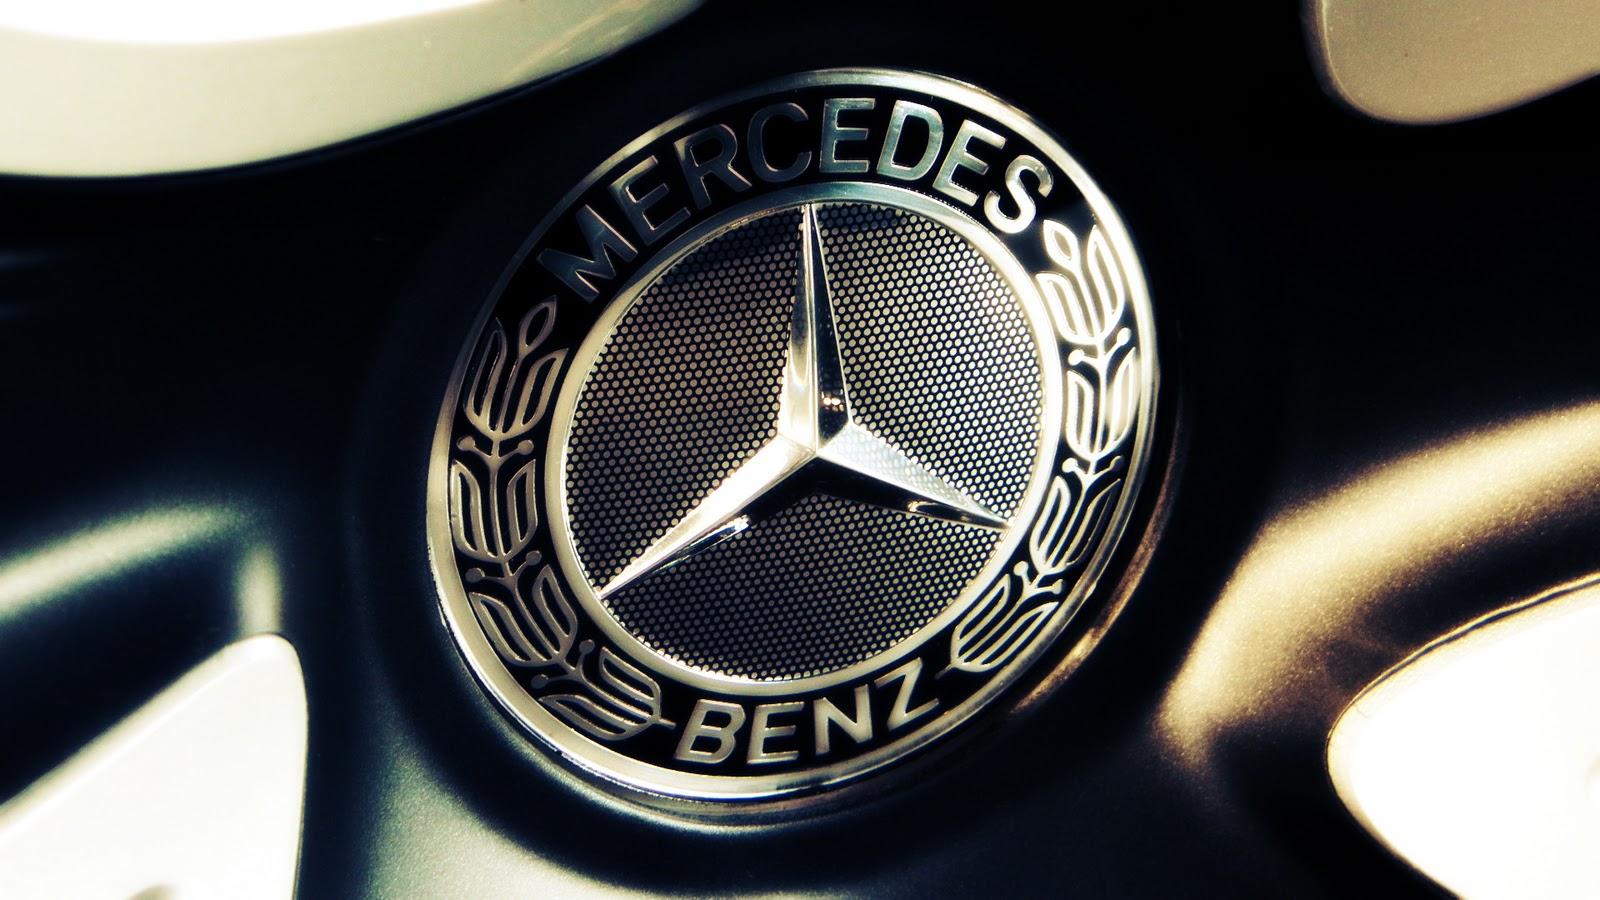 Mercedes benz trails behind bmw in 2015 luxury car sales for Mercedes benz salesman